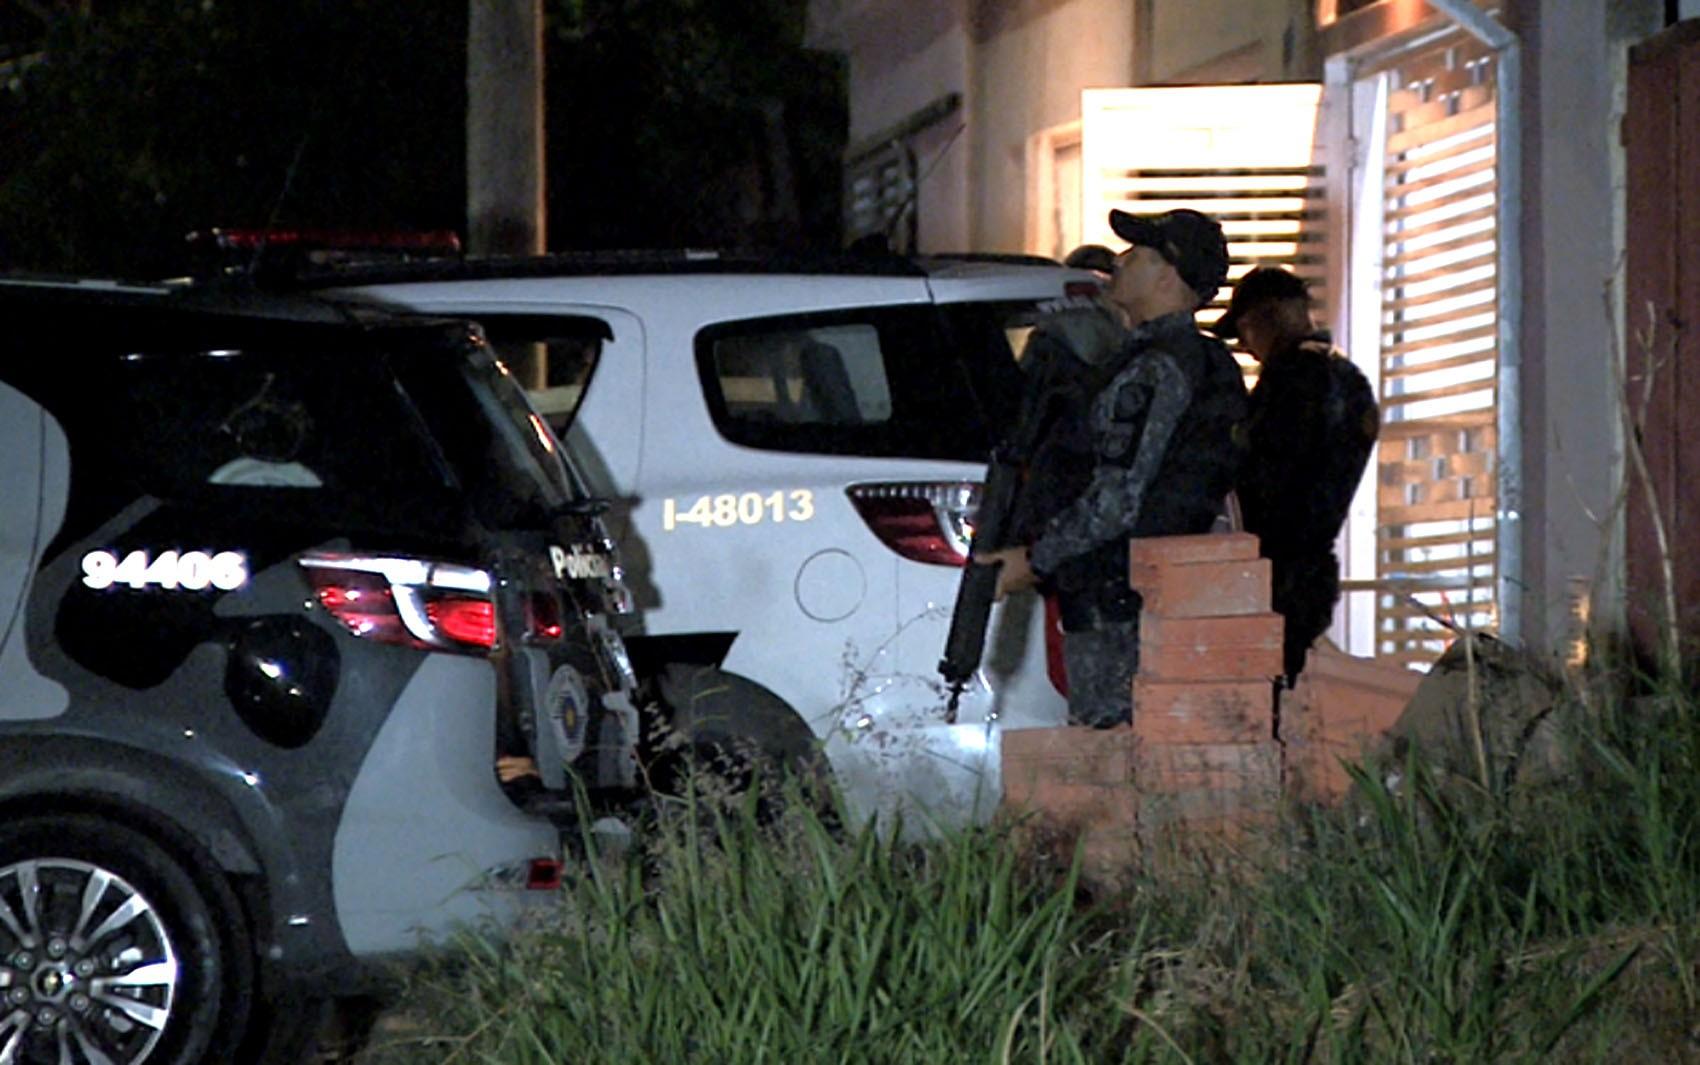 Suspeito de roubo a bancos é morto após troca de tiros com a Polícia Militar em Monte Mor - Noticias